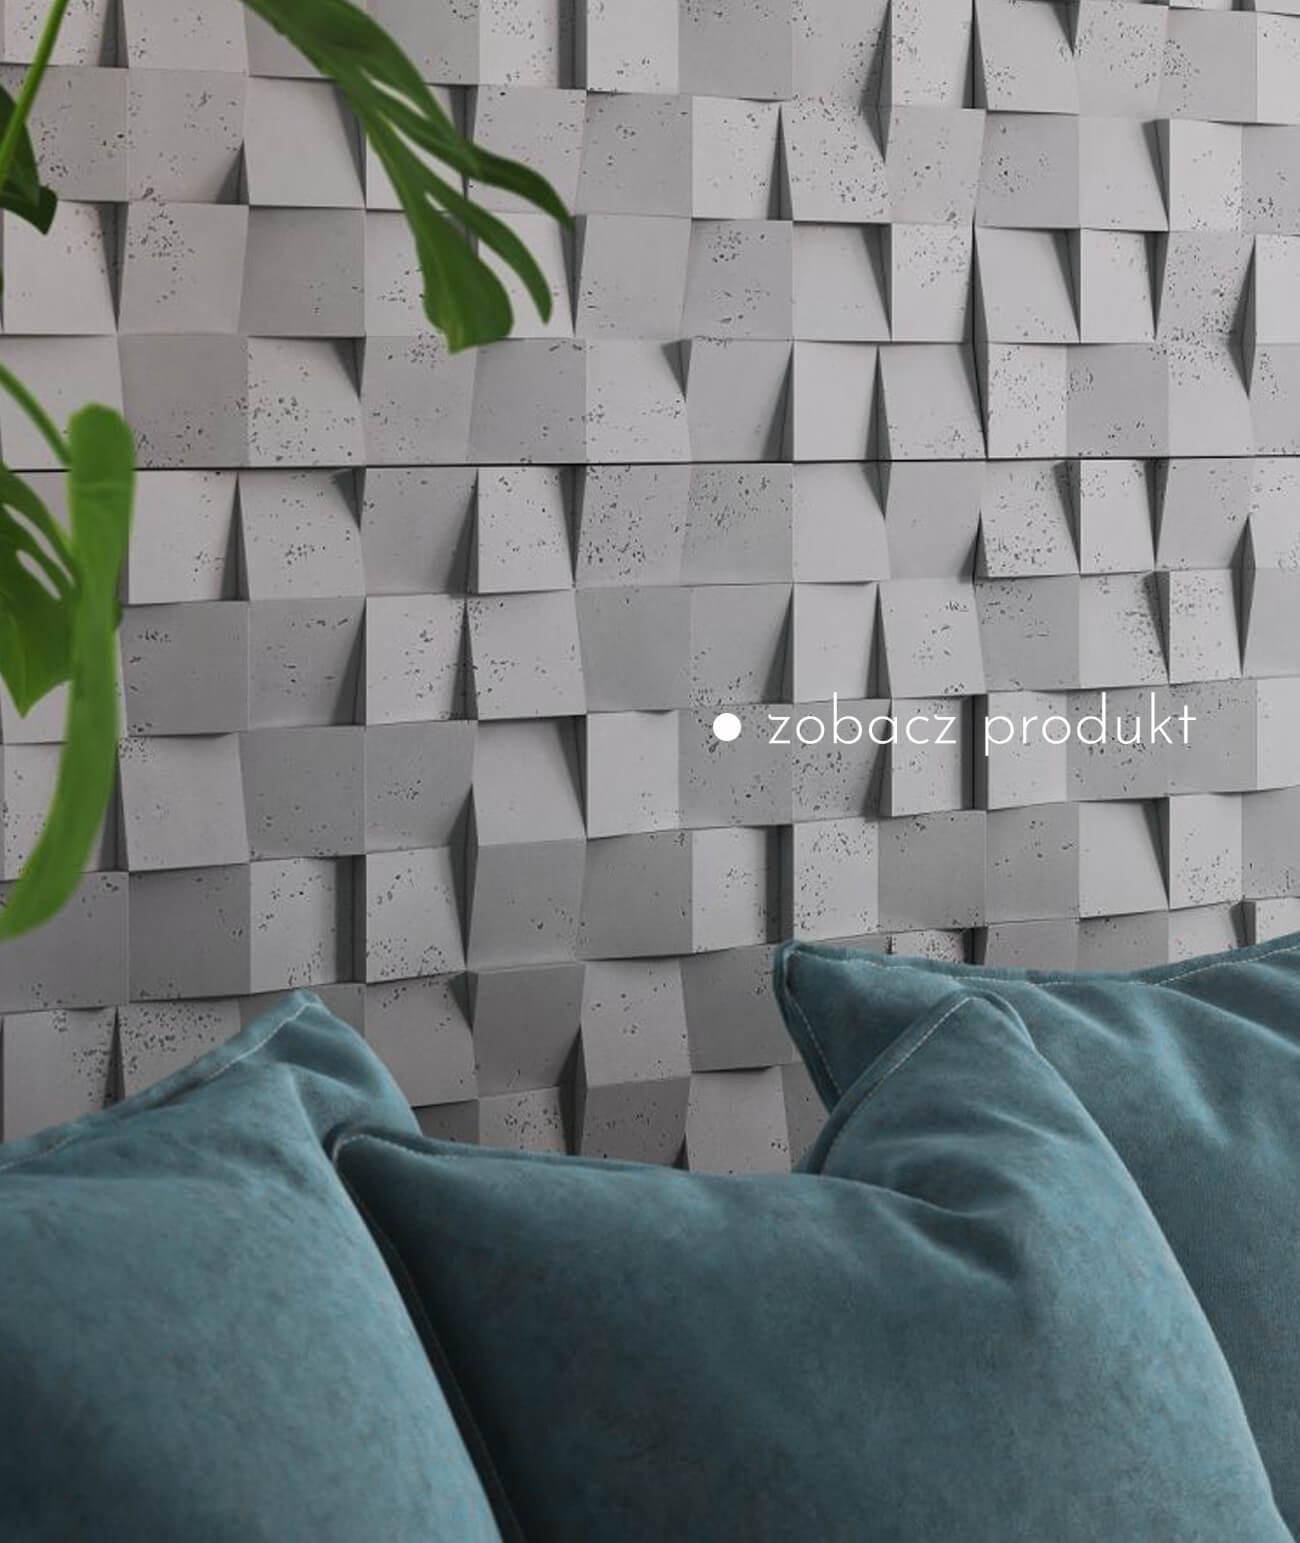 panele-betonowe-3d-scienne-i-elewacyjne-beton-architektoniczny_487-2607-pb15-s51-ciemno-szary-mysi-coco---panel-dekor-3d-beton-architektoniczny-panel-scienny